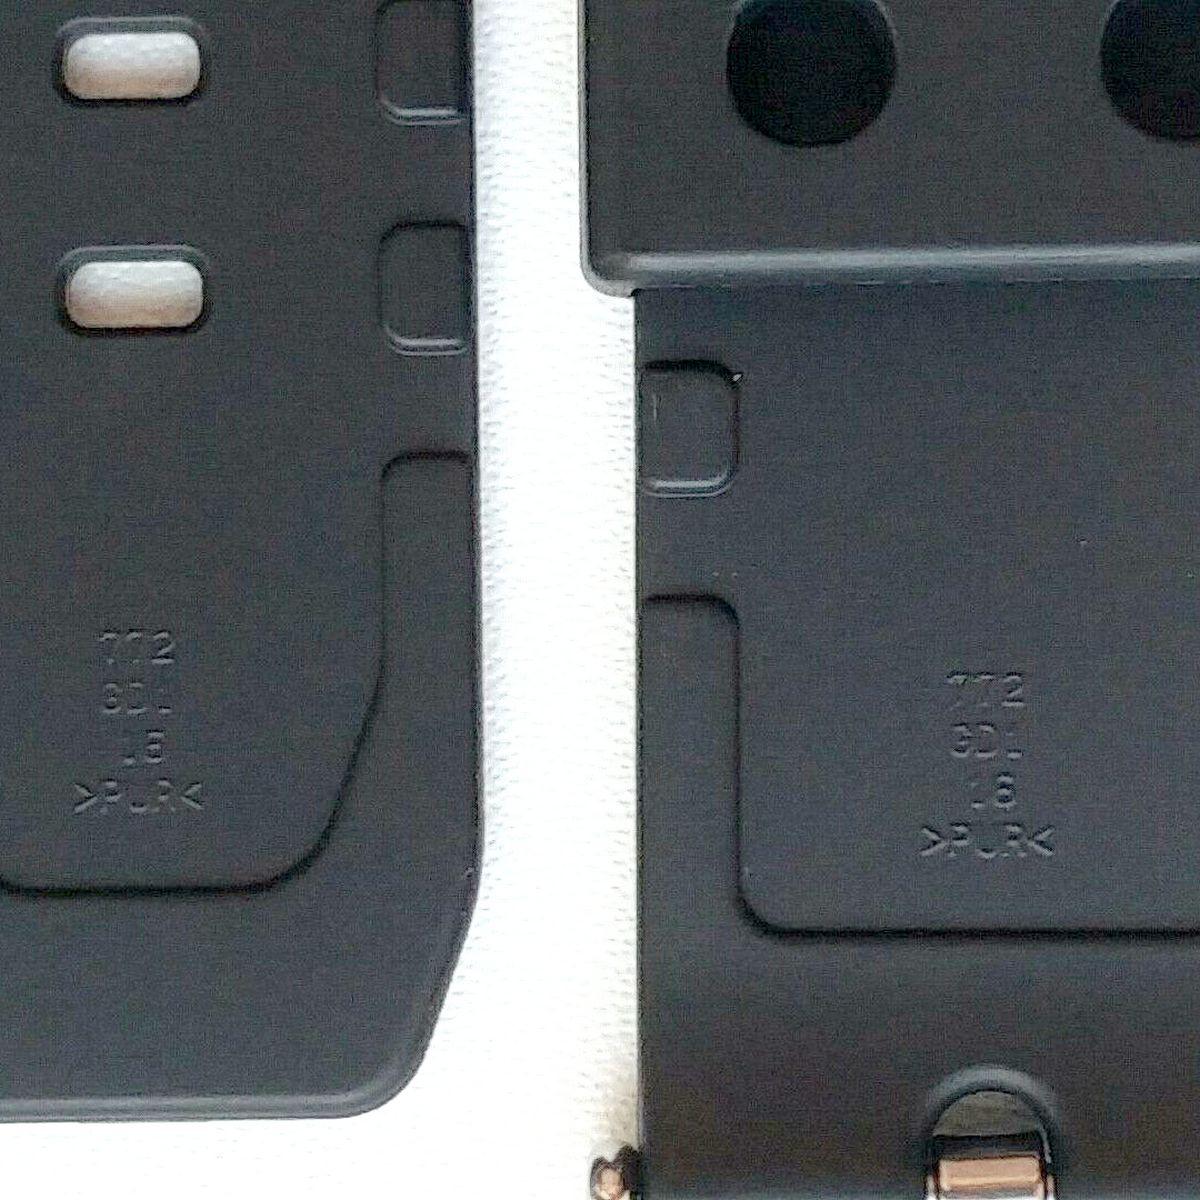 Pulseira Casio G-shock Preta G-7900-1 Gw-7900 - 100% Original (16/28mm)  - E-Presentes